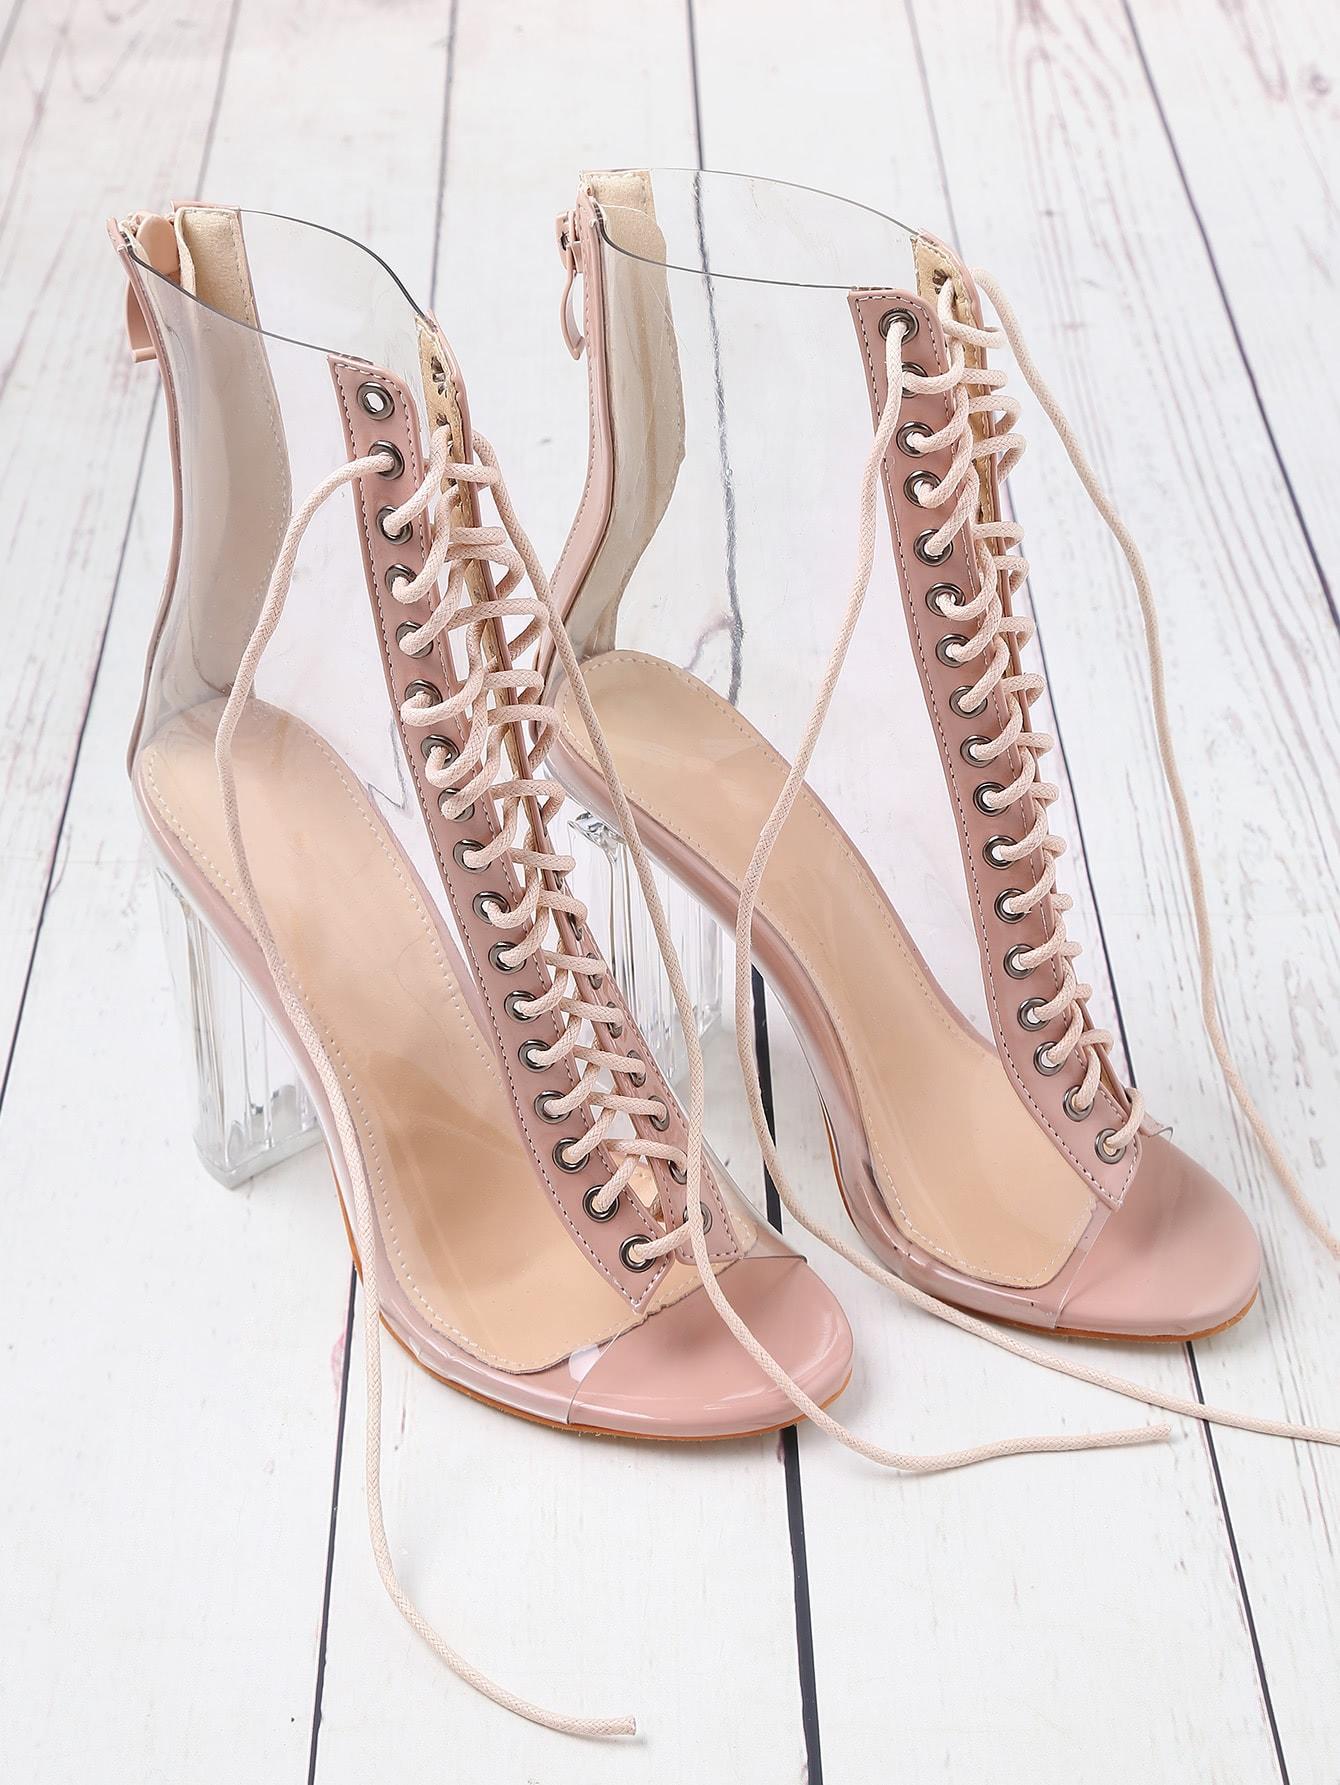 Lace Up Zipper Back Transparent Heels shoes170503817